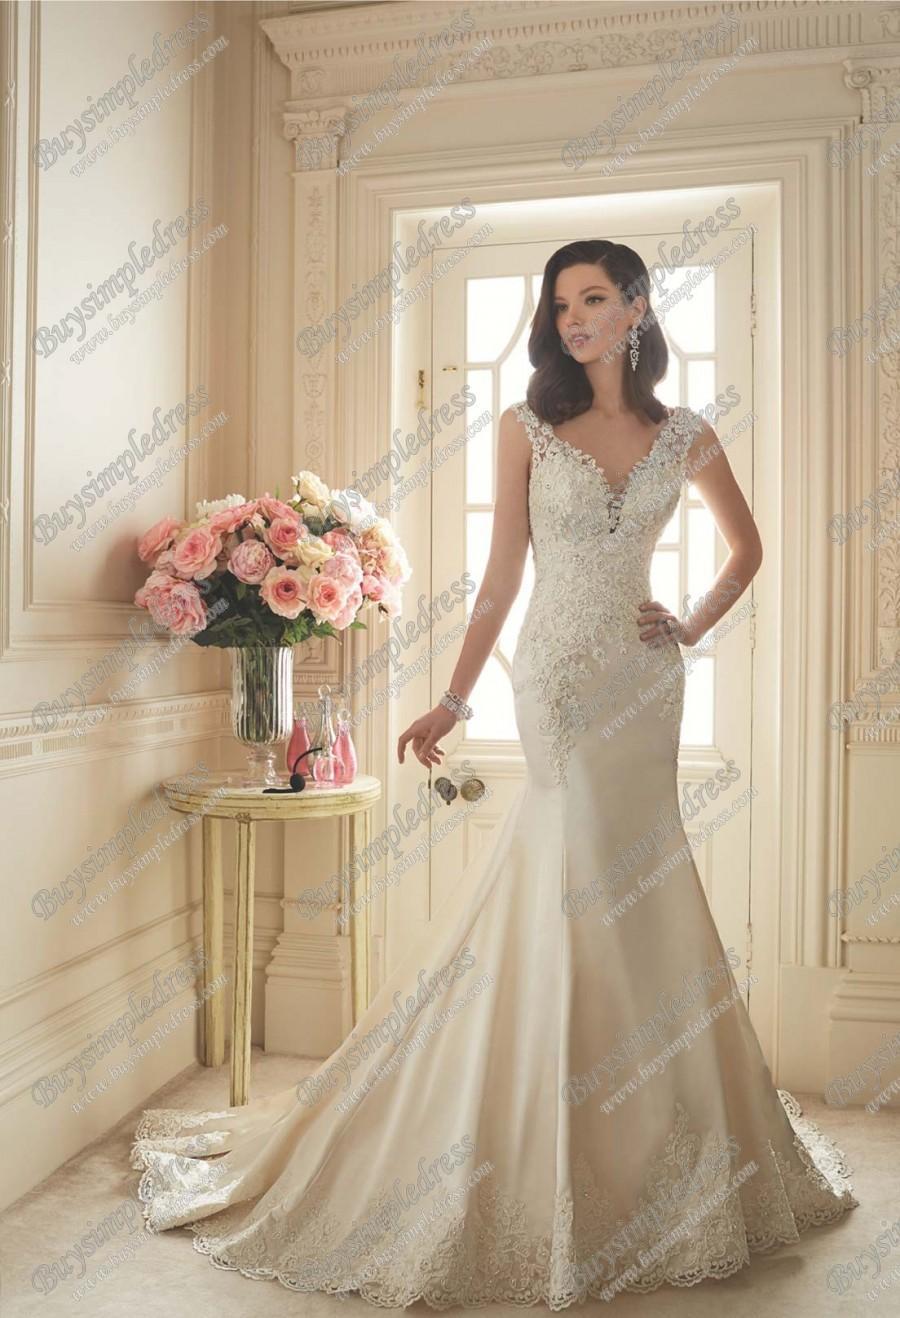 Свадьба - Sophia Tolli Style Y11629 - Rexana